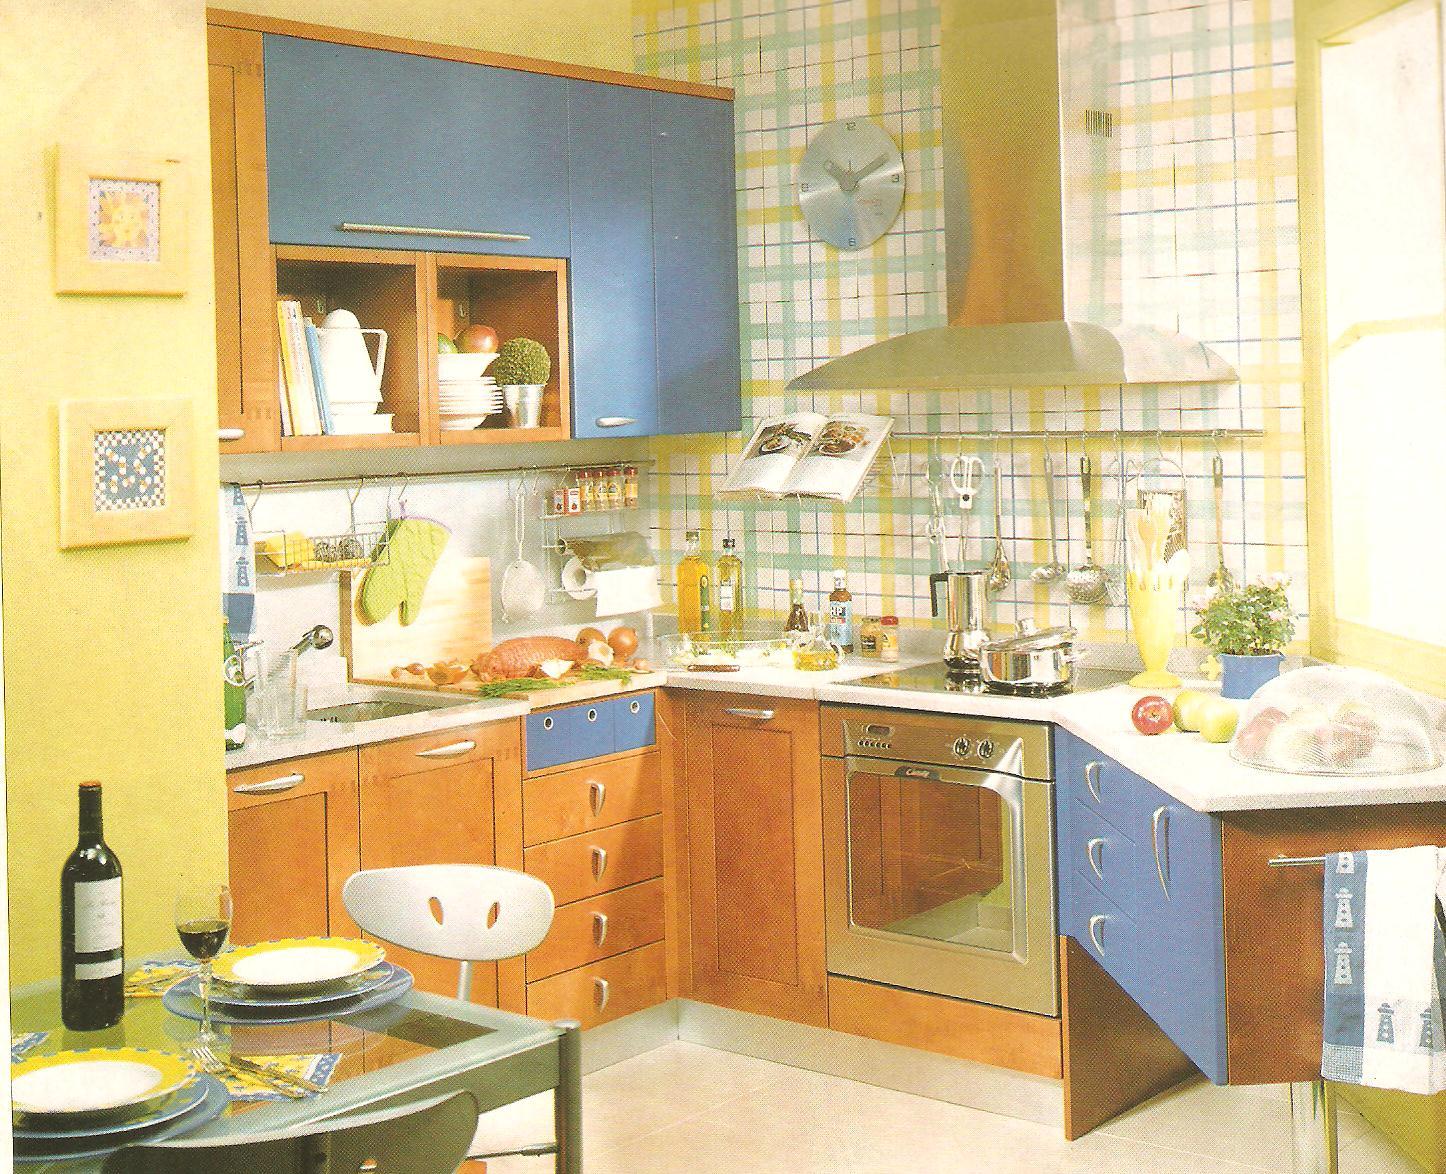 Muebles diaz mueble de cocina for Mueble cocina 70